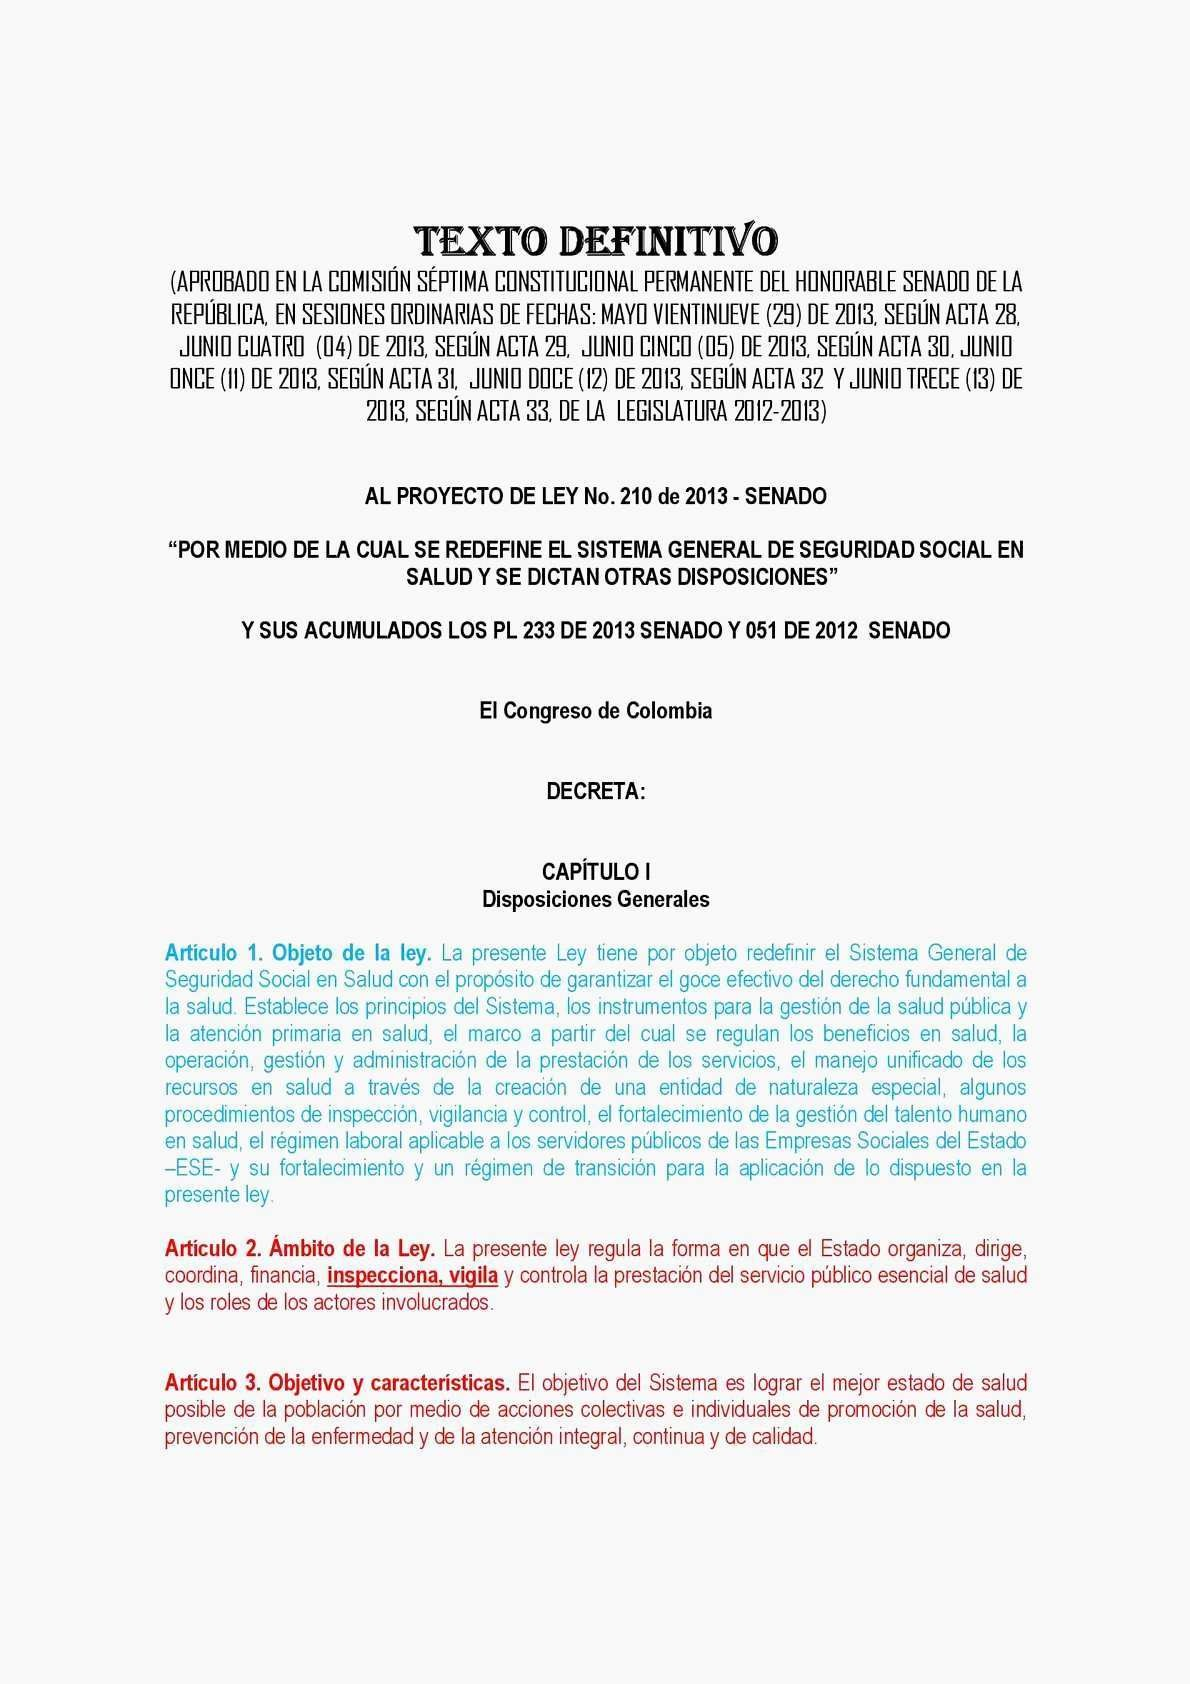 Calendario Mayo 2019 Colombia Más Recientes Caracteristicas De La Republica L Es Xml – themescoupons Of Calendario Mayo 2019 Colombia Recientes Of Calendarios 2017 Para Imprimir Rock Cafe